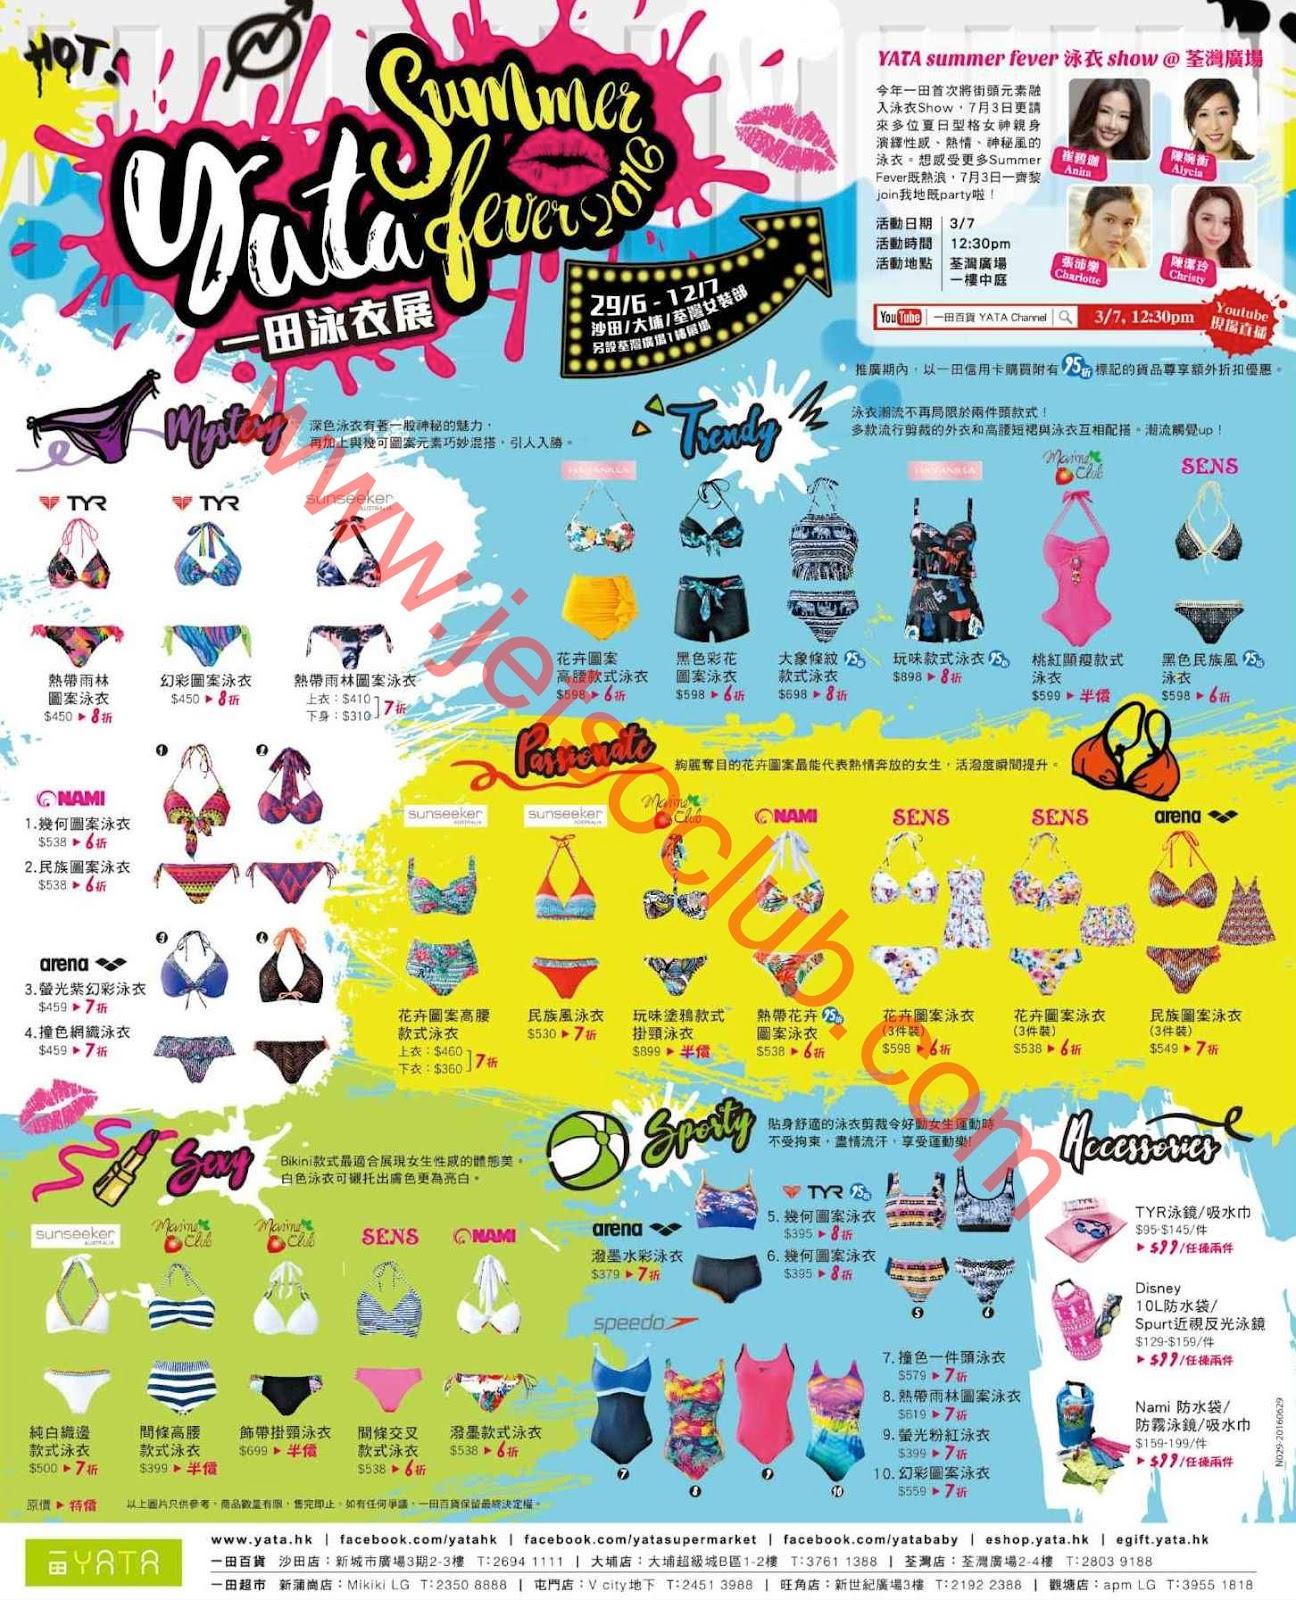 一田百貨:品牌服飾展 / 泳衣展(至12/7) ( Jetso Club 著數俱樂部 )